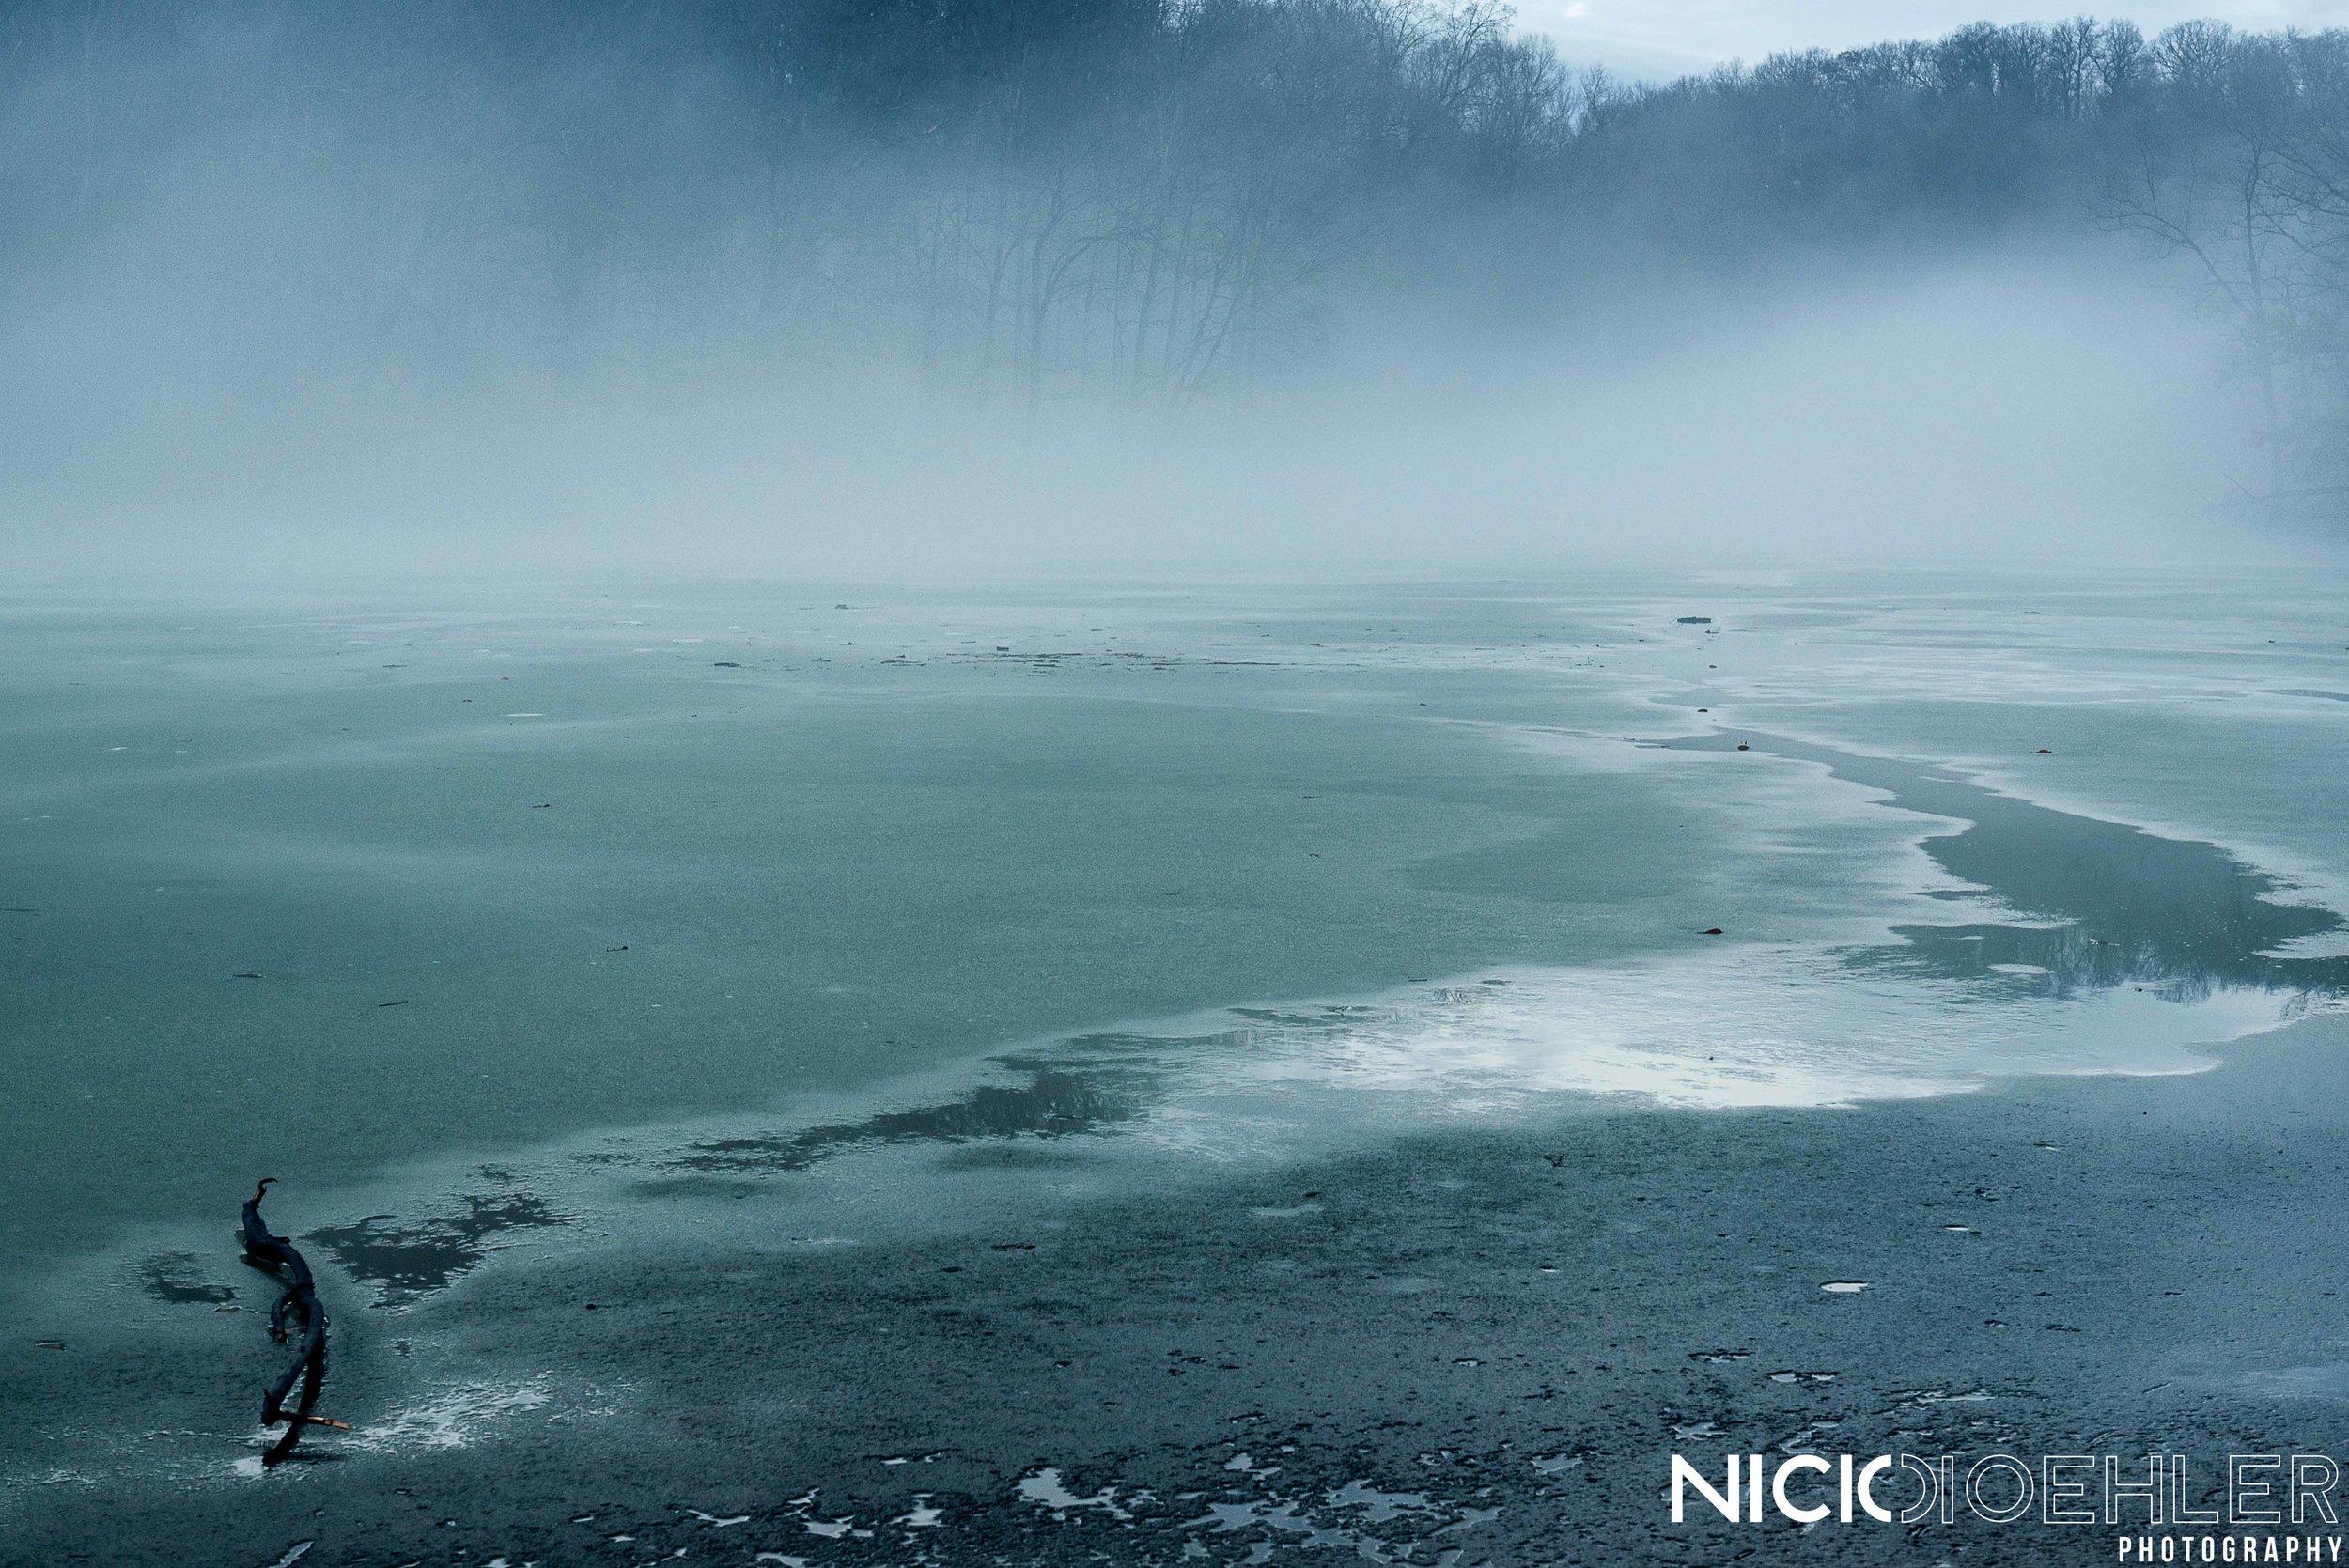 Water spread across the frozen lake.